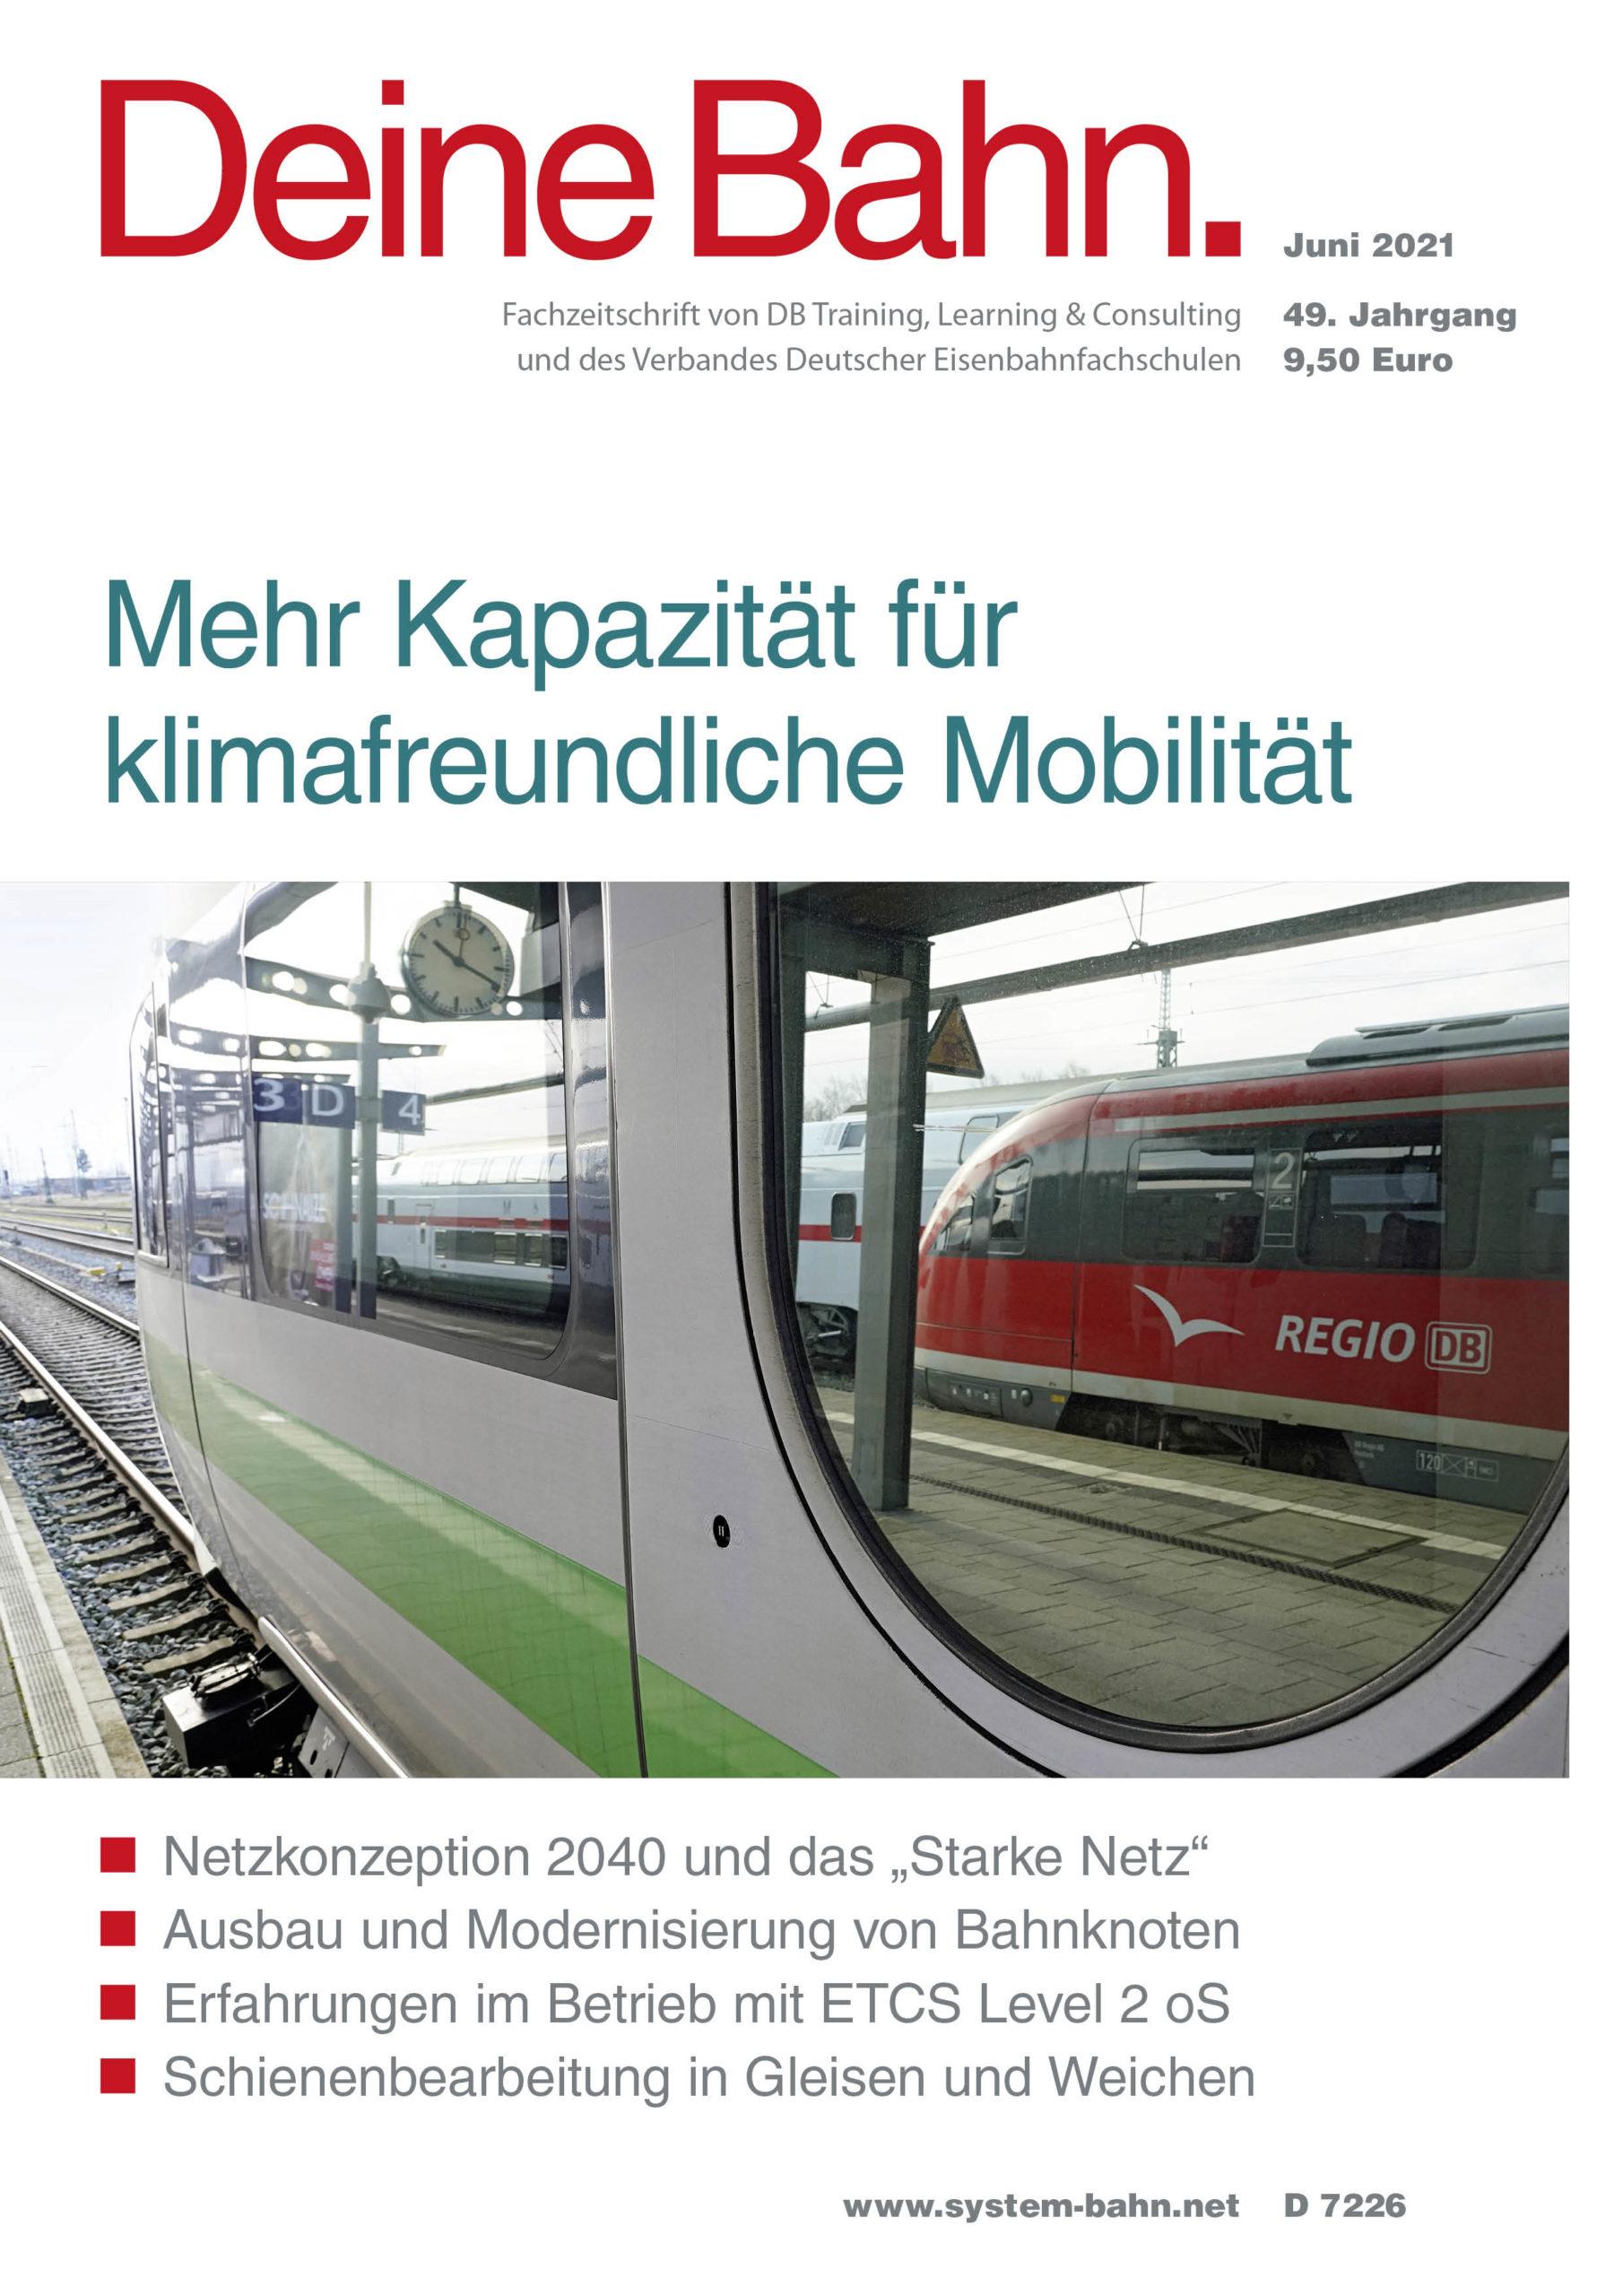 Umschlagmotiv Fachzeitschrift Deine Bahn Juni 2021